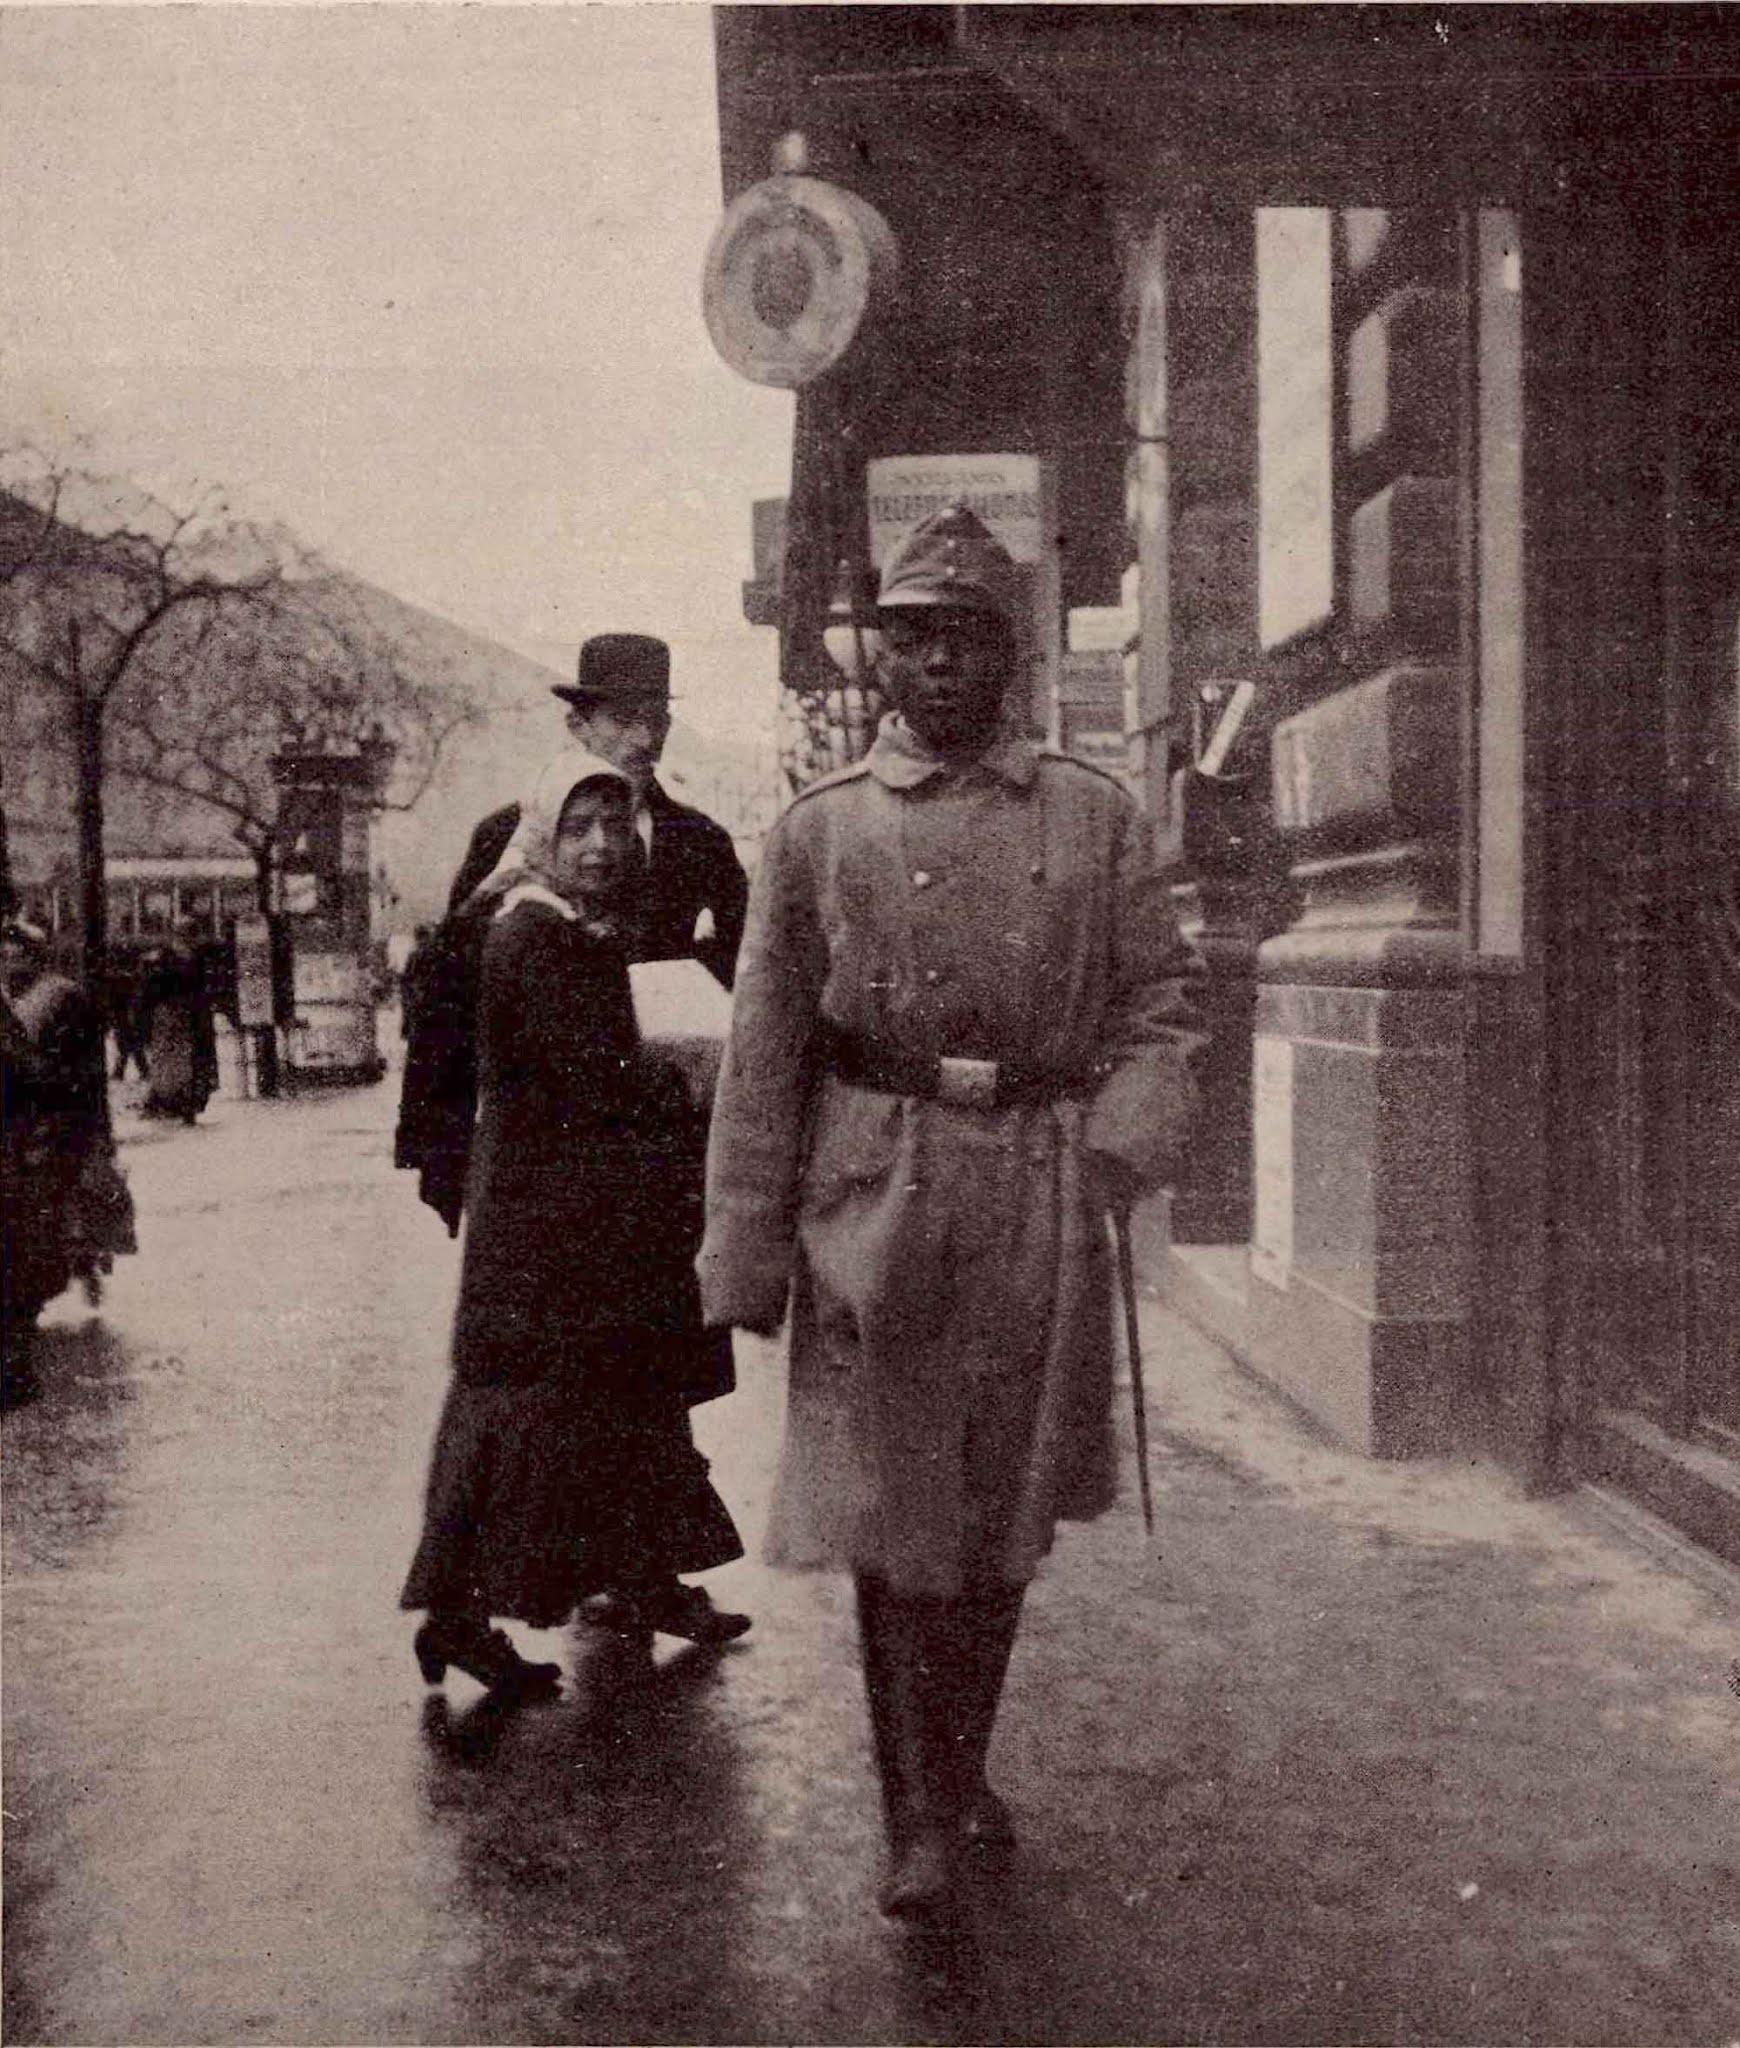 Le seul soldat noir de l'Empire austro-hongrois, 1915